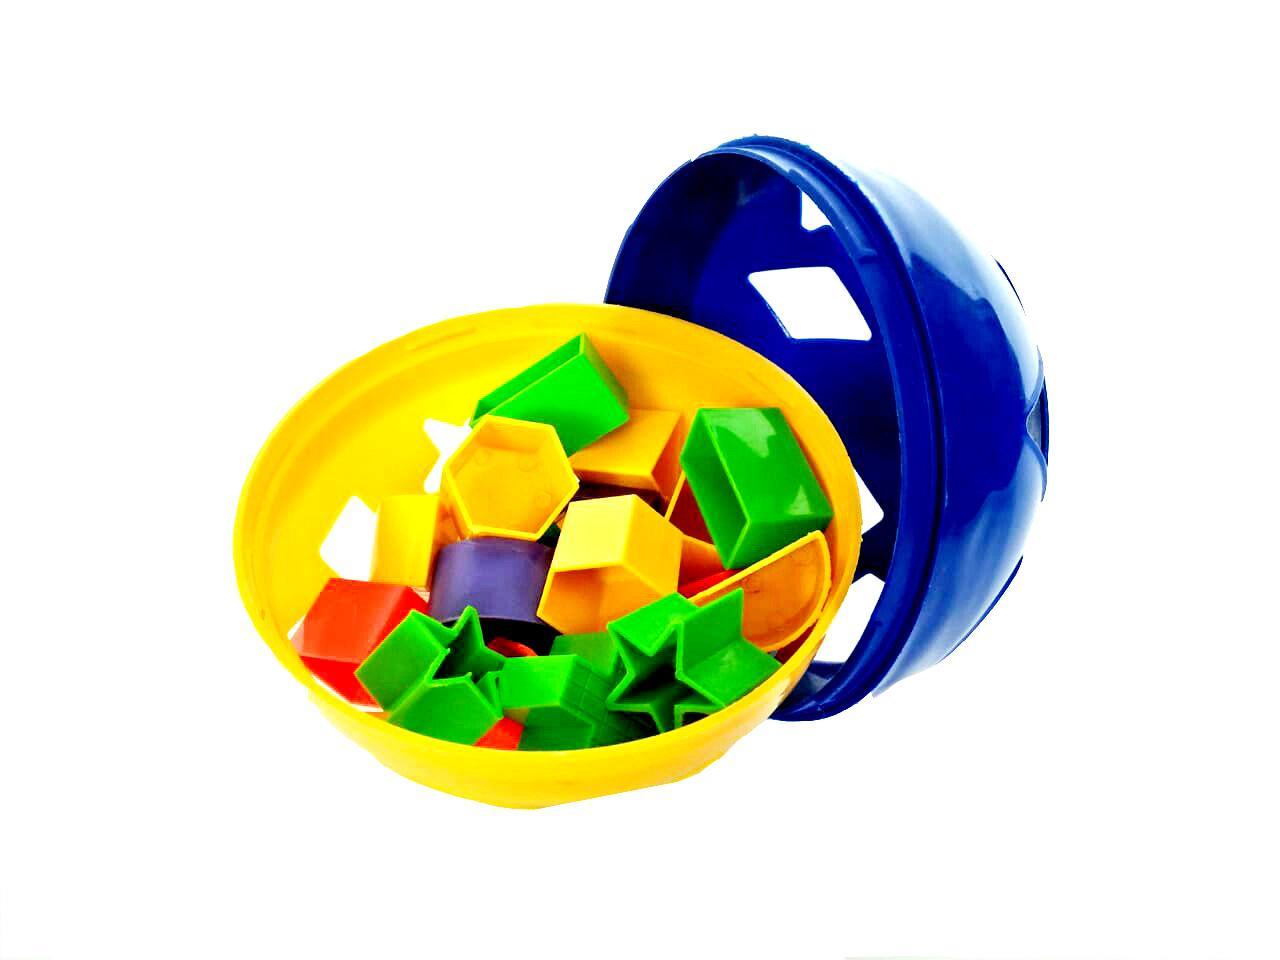 Eigia Mainan Puzzle Tangram Kreatifitas Edukatif Anak Balok Asahotak Otoys Pa 330196 Fun Character Blocks Im 3007 Bola Edukasi Asah Otak 3